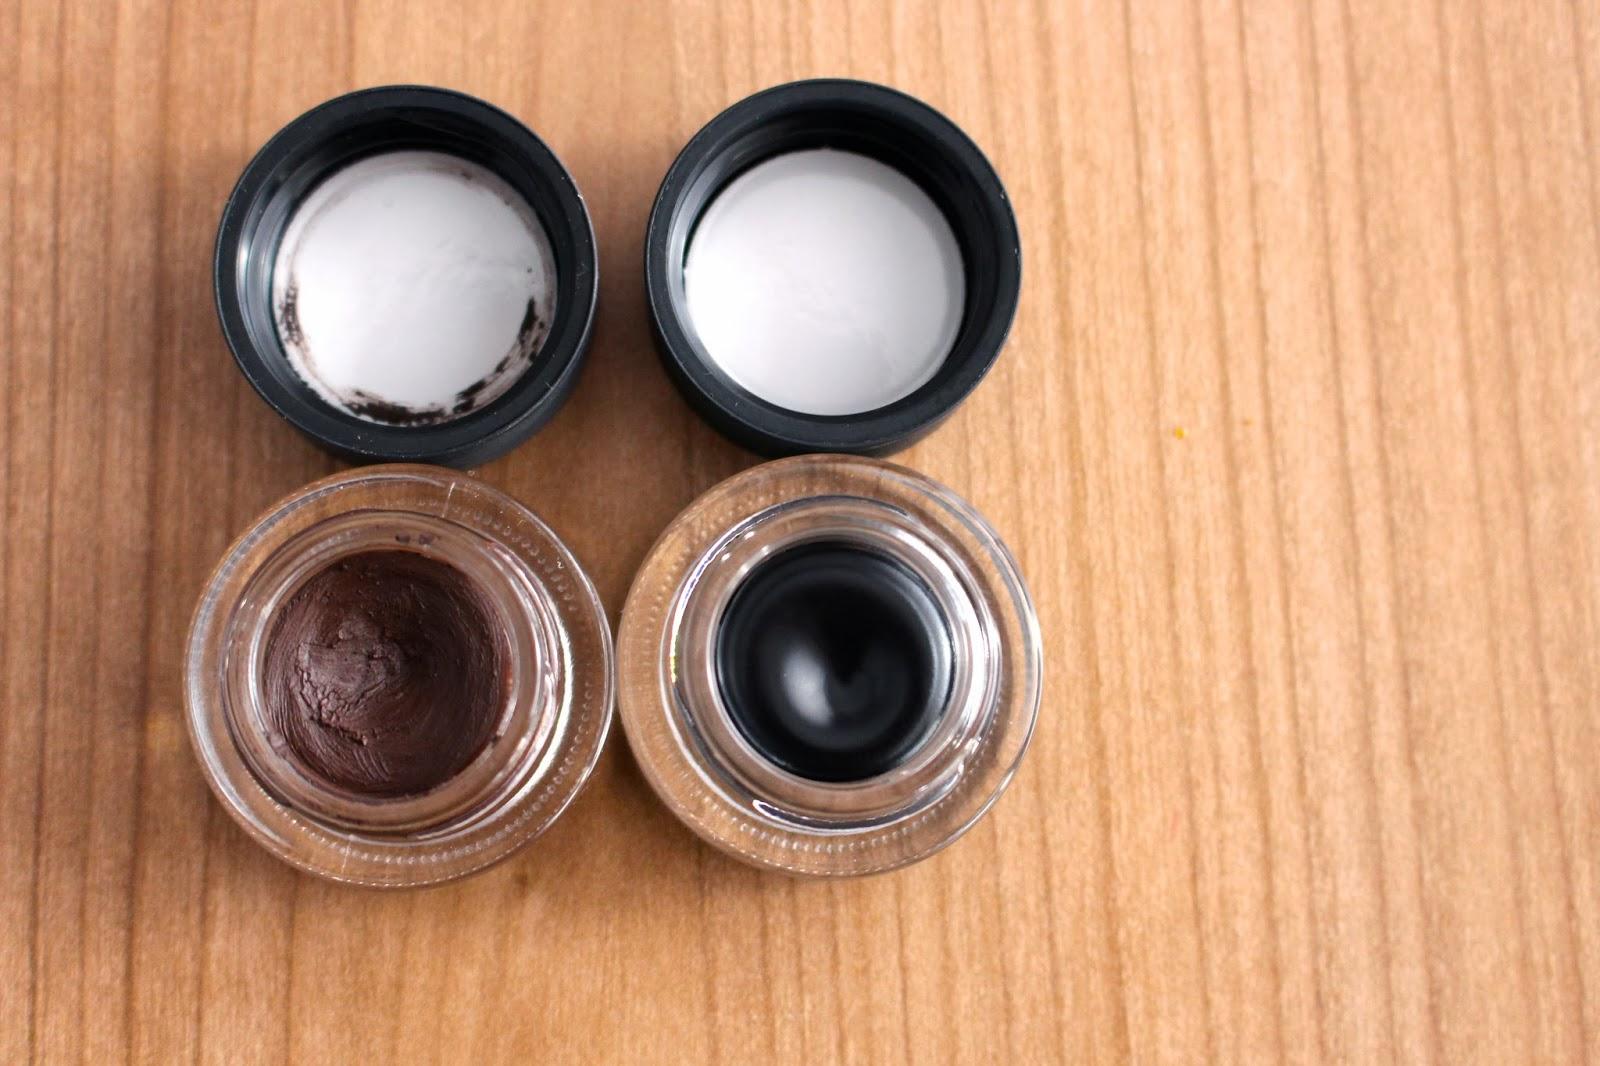 new-in-dior-laura-mercier-smashbox-makeup-10